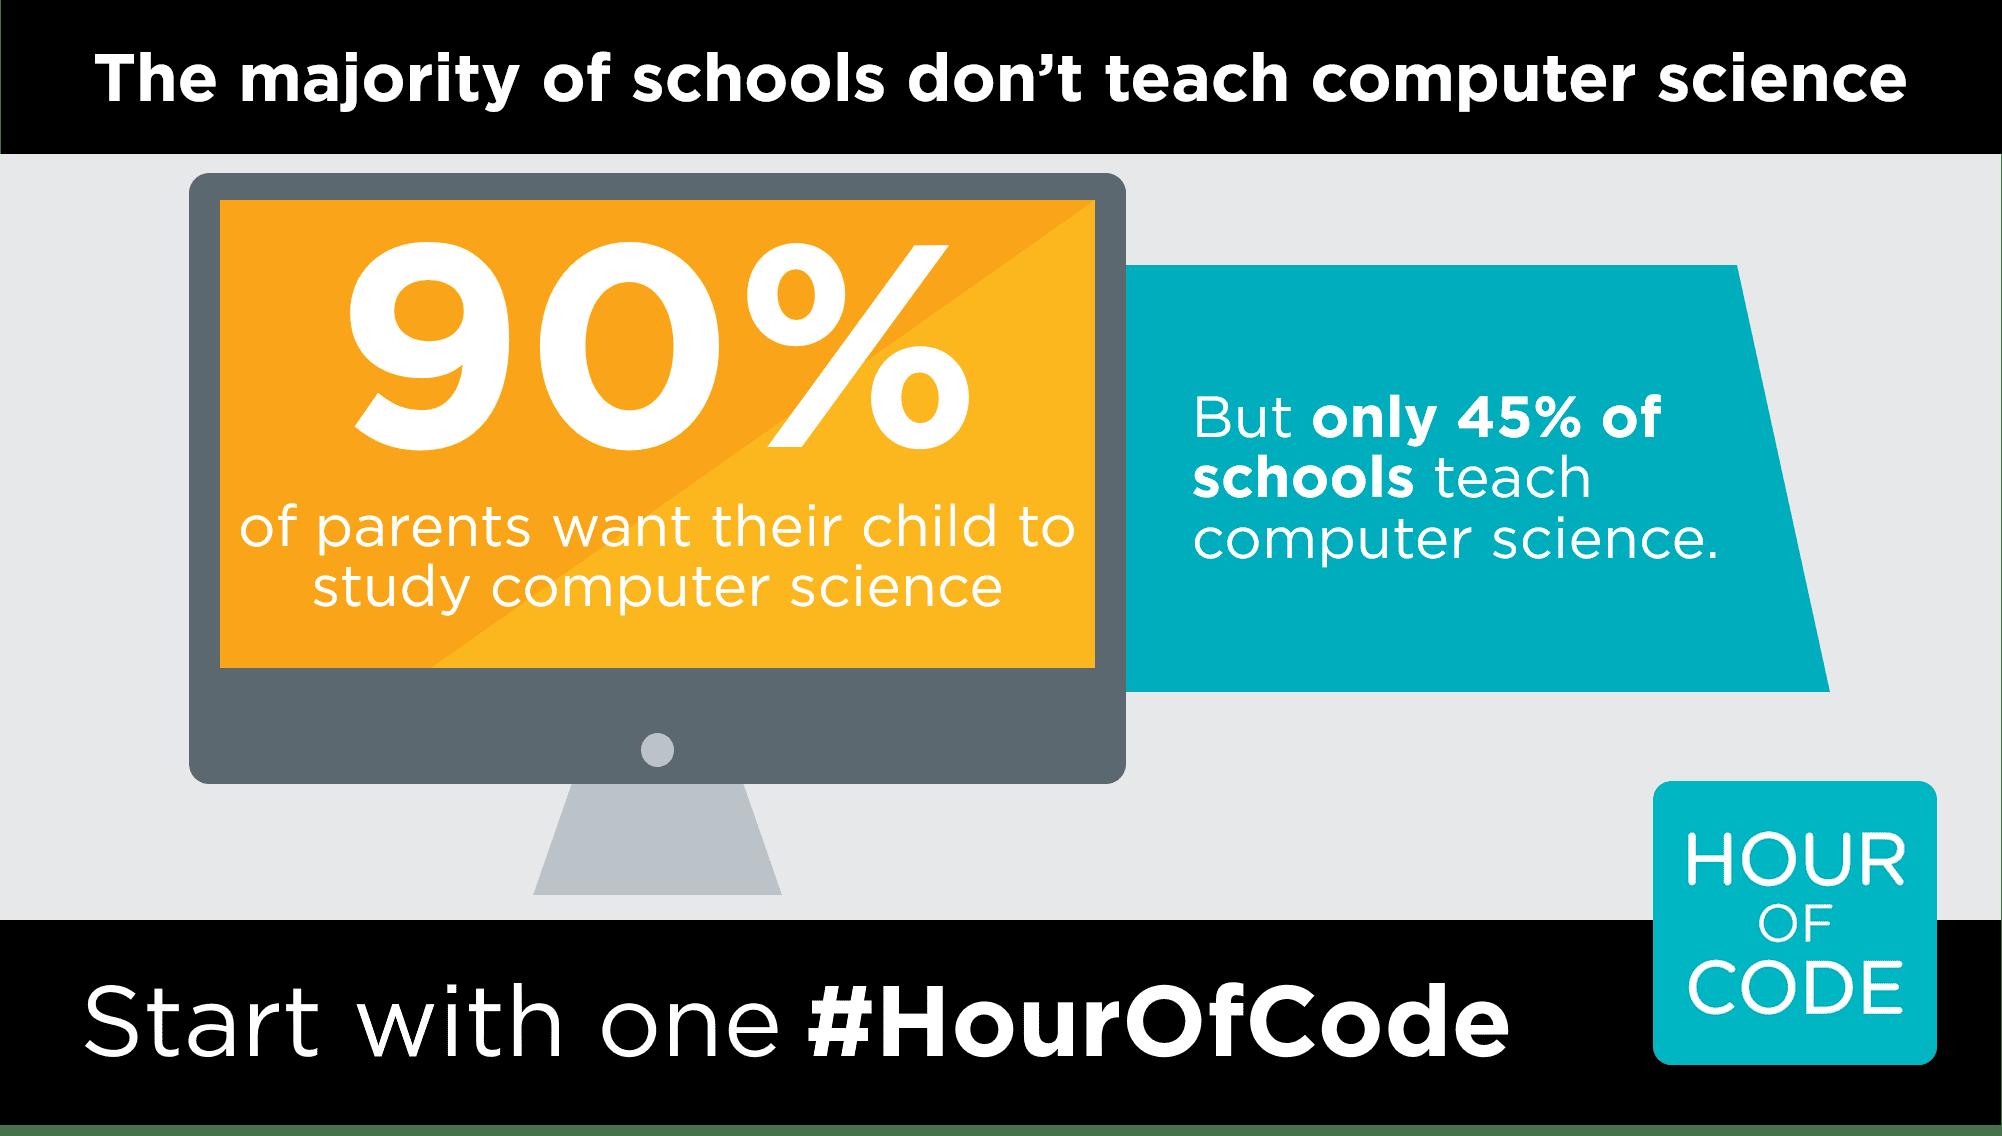 Οι μαθητές μας αλλάζουν το μέλλον με την Ώρα του Κώδικα